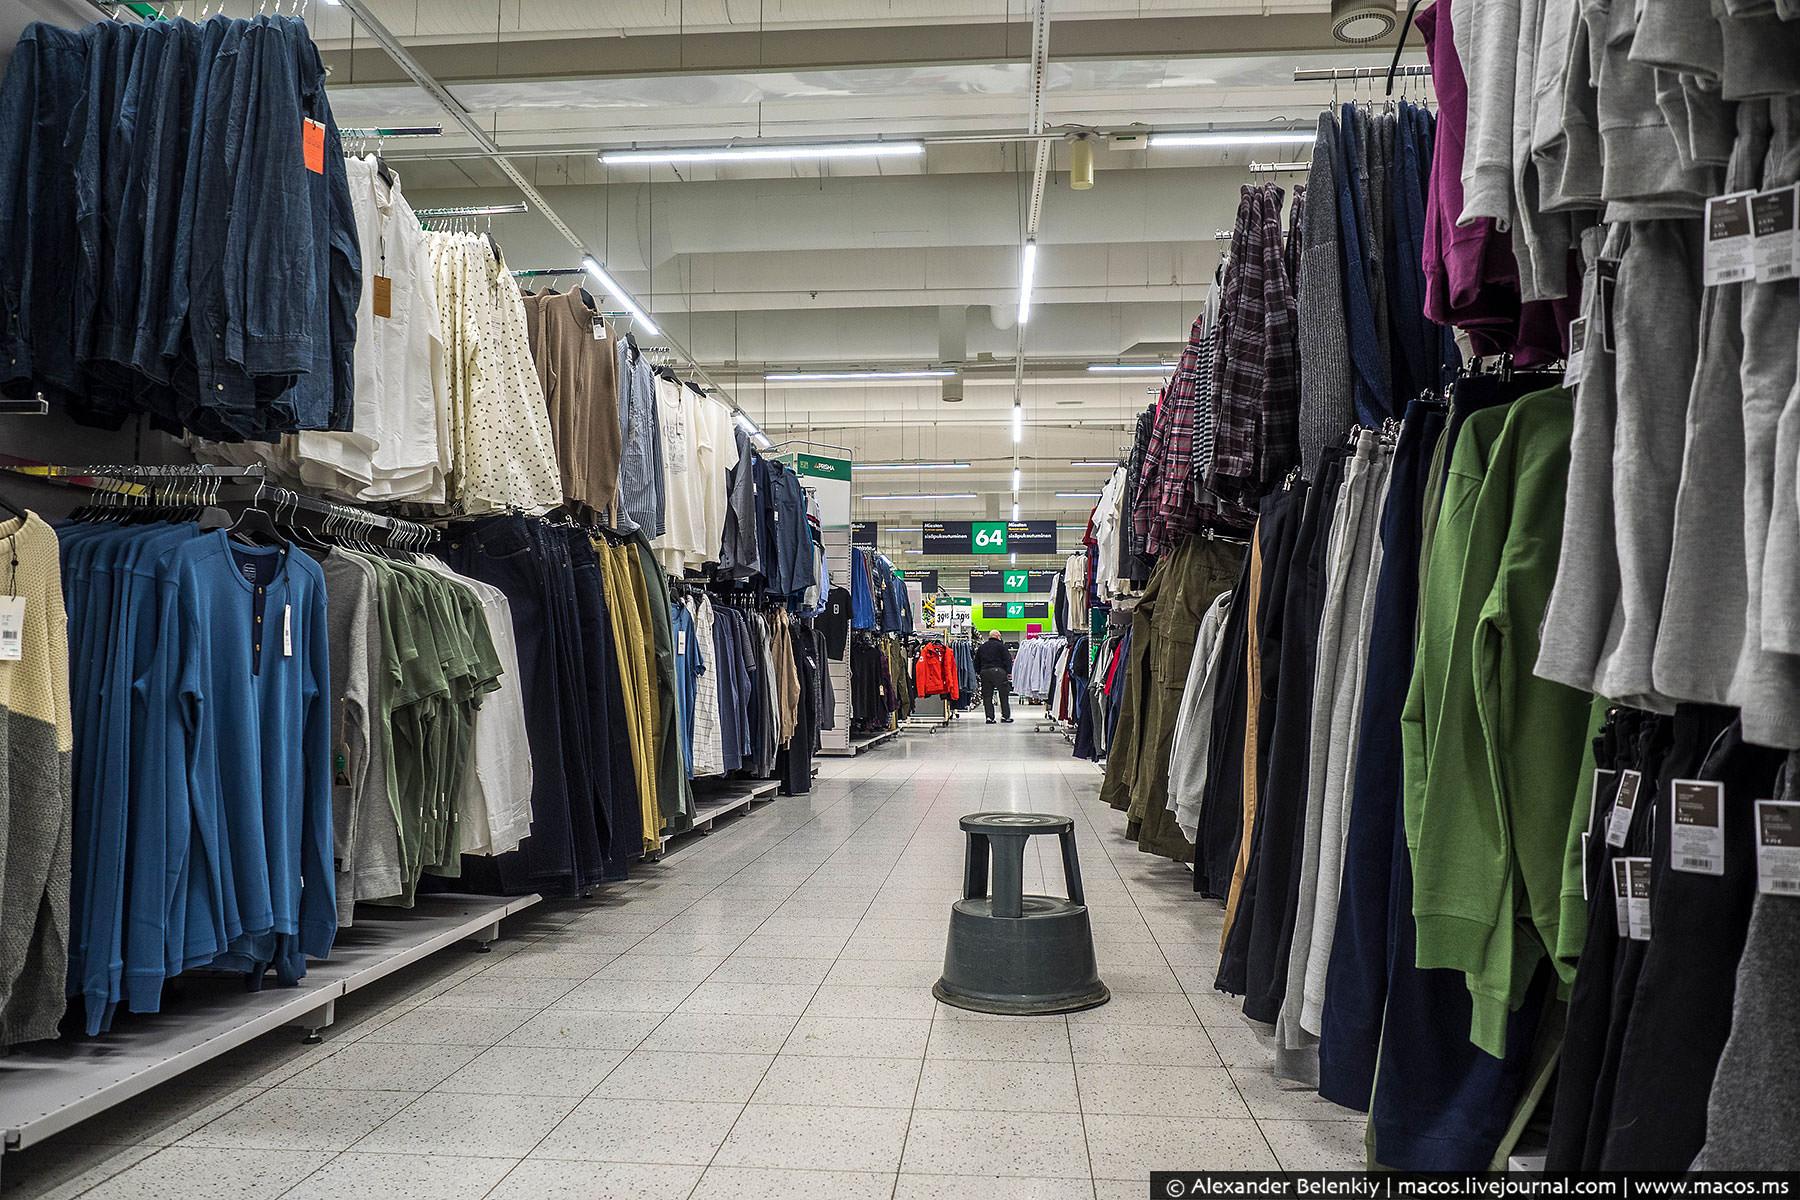 Как в любом подобном гипермаркете, продается здесь и одежда. Дешевая, но низкого качества и стремных